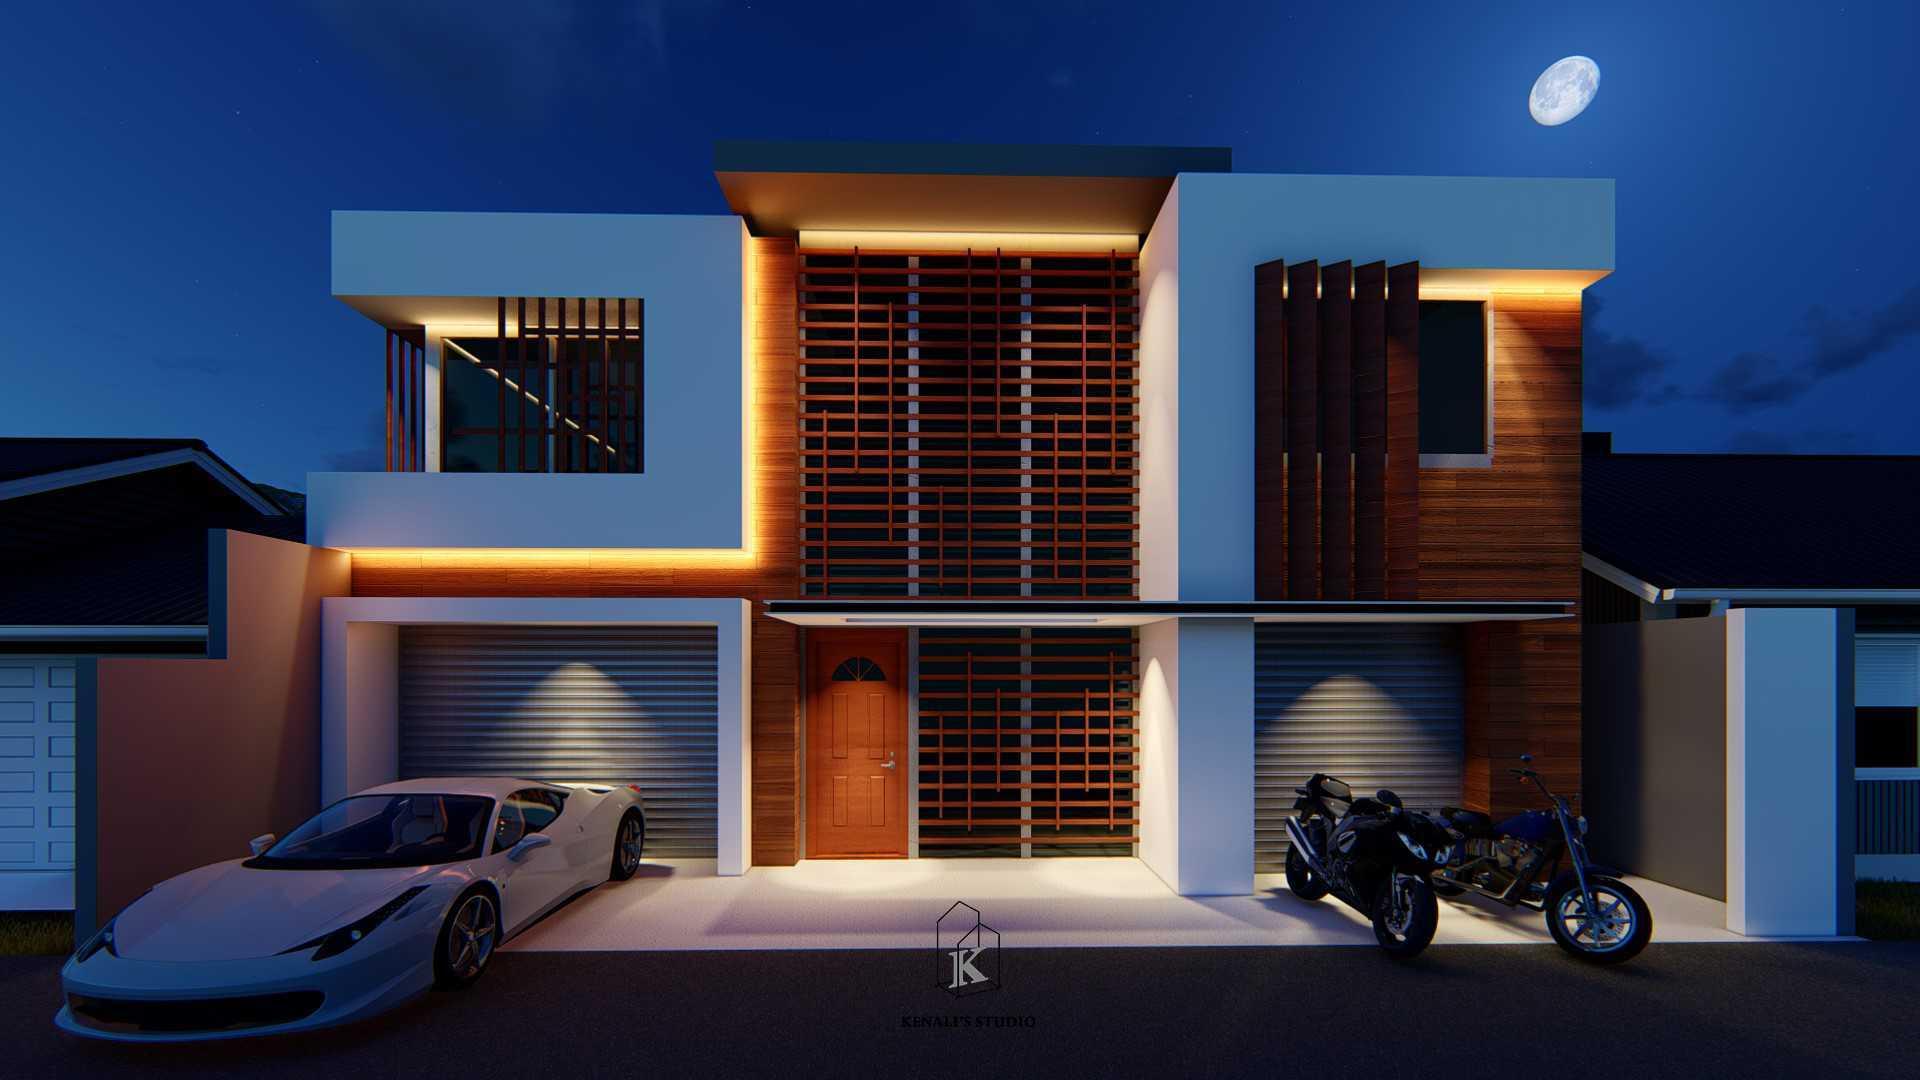 Kenali's Studio Cj - House Kec. Laweyan, Kota Surakarta, Jawa Tengah, Indonesia Kec. Laweyan, Kota Surakarta, Jawa Tengah, Indonesia Kenalis-Studio-Cj-House   93574